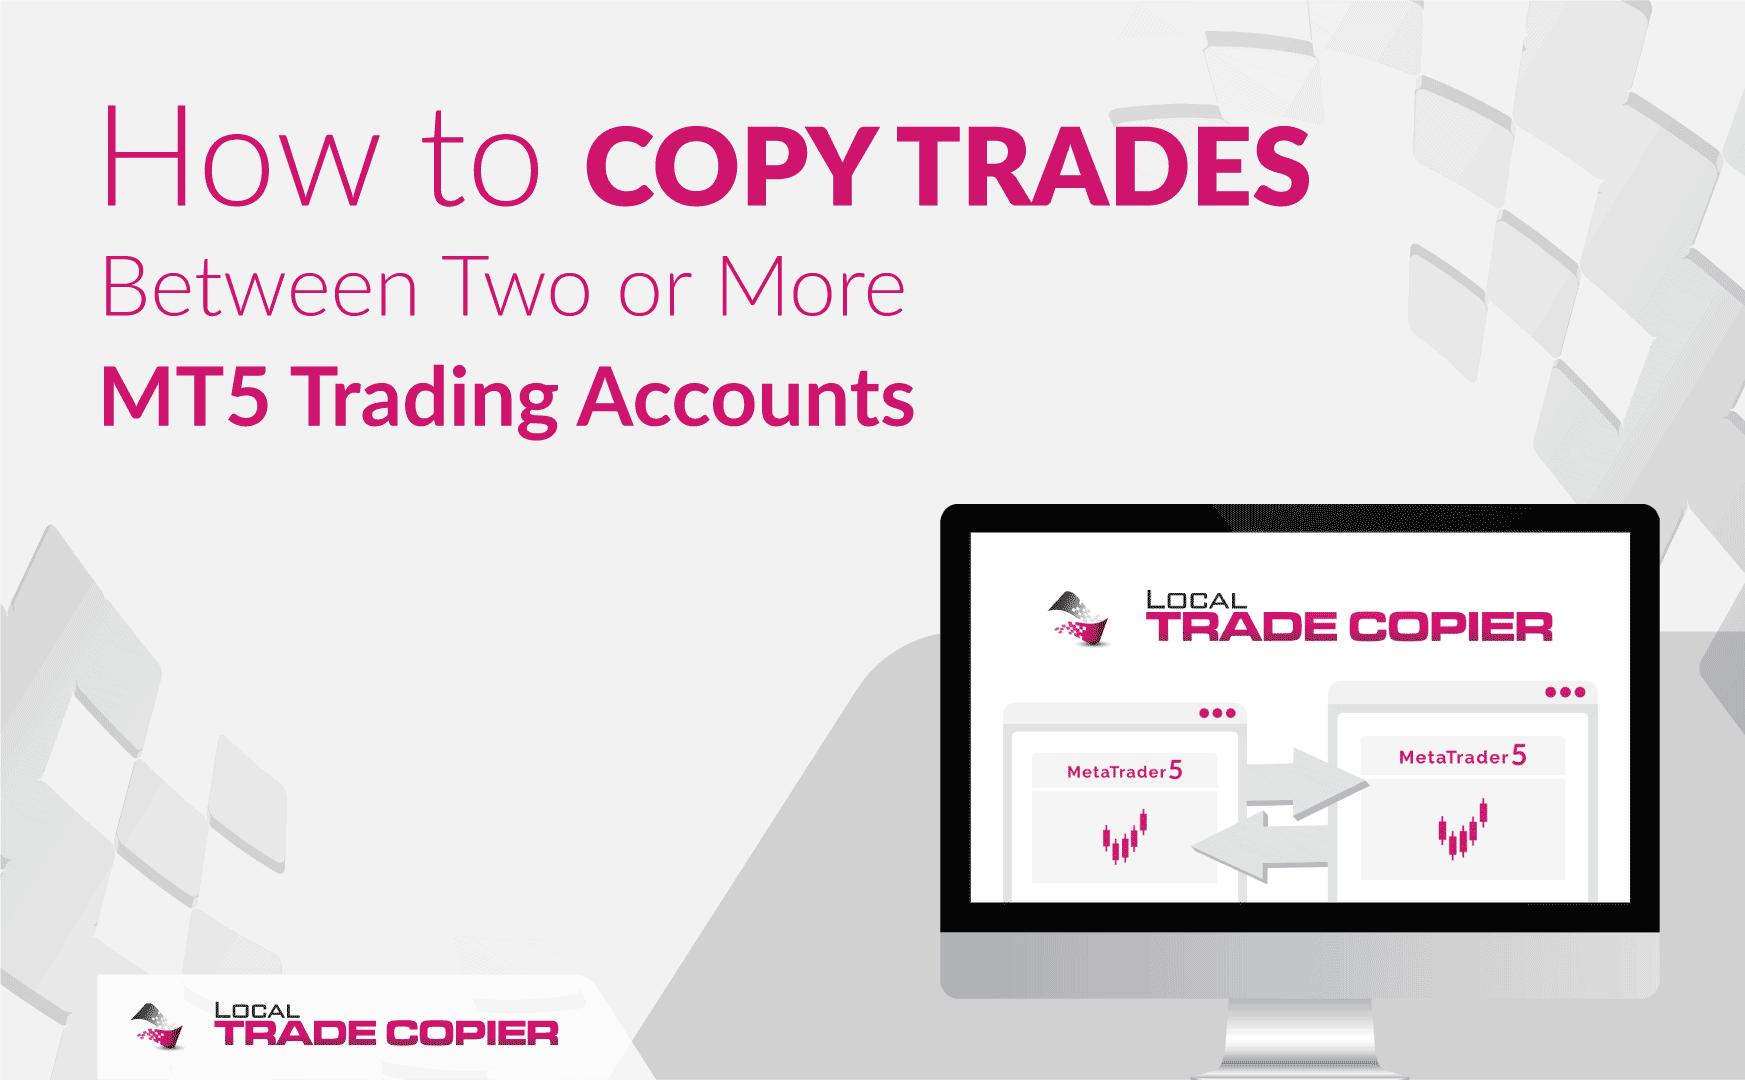 Local-Trade-Copier-Tutorials-copy-trades-between-mt5-accounts-1745x1080